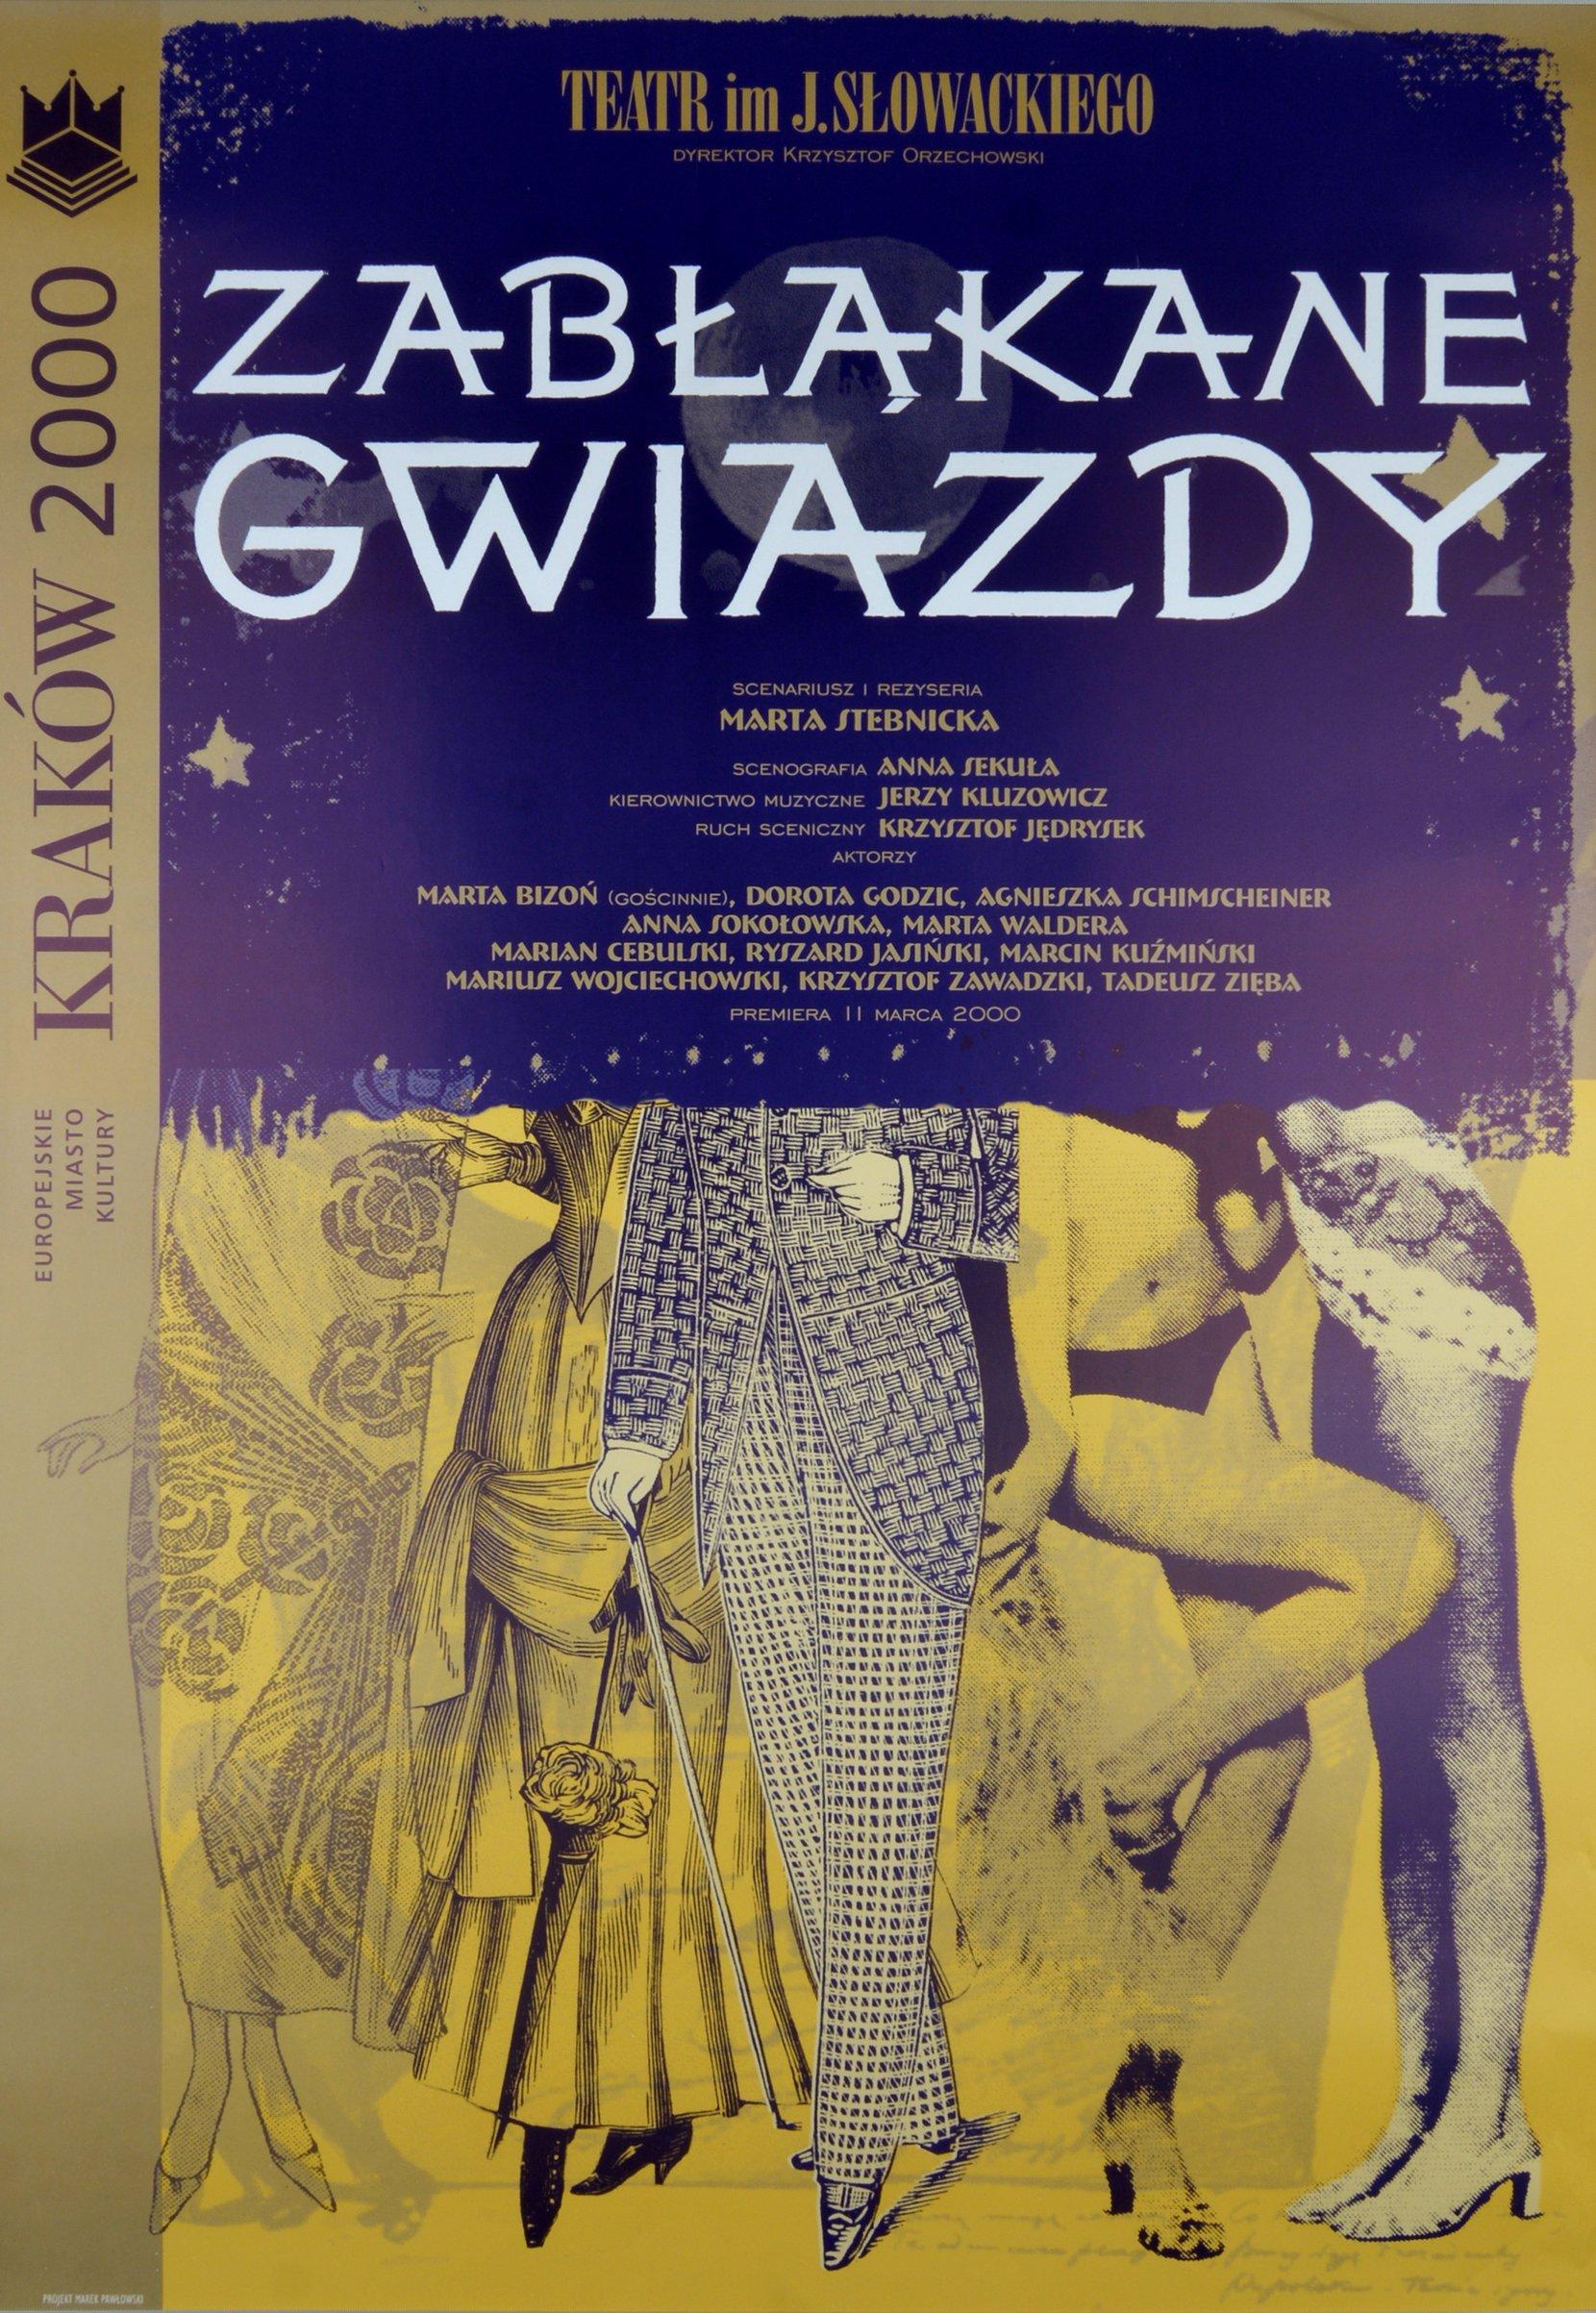 zabłąkane gwiazdy, marek pawłowski, 2000 posters movie posters Marek Pawłowski